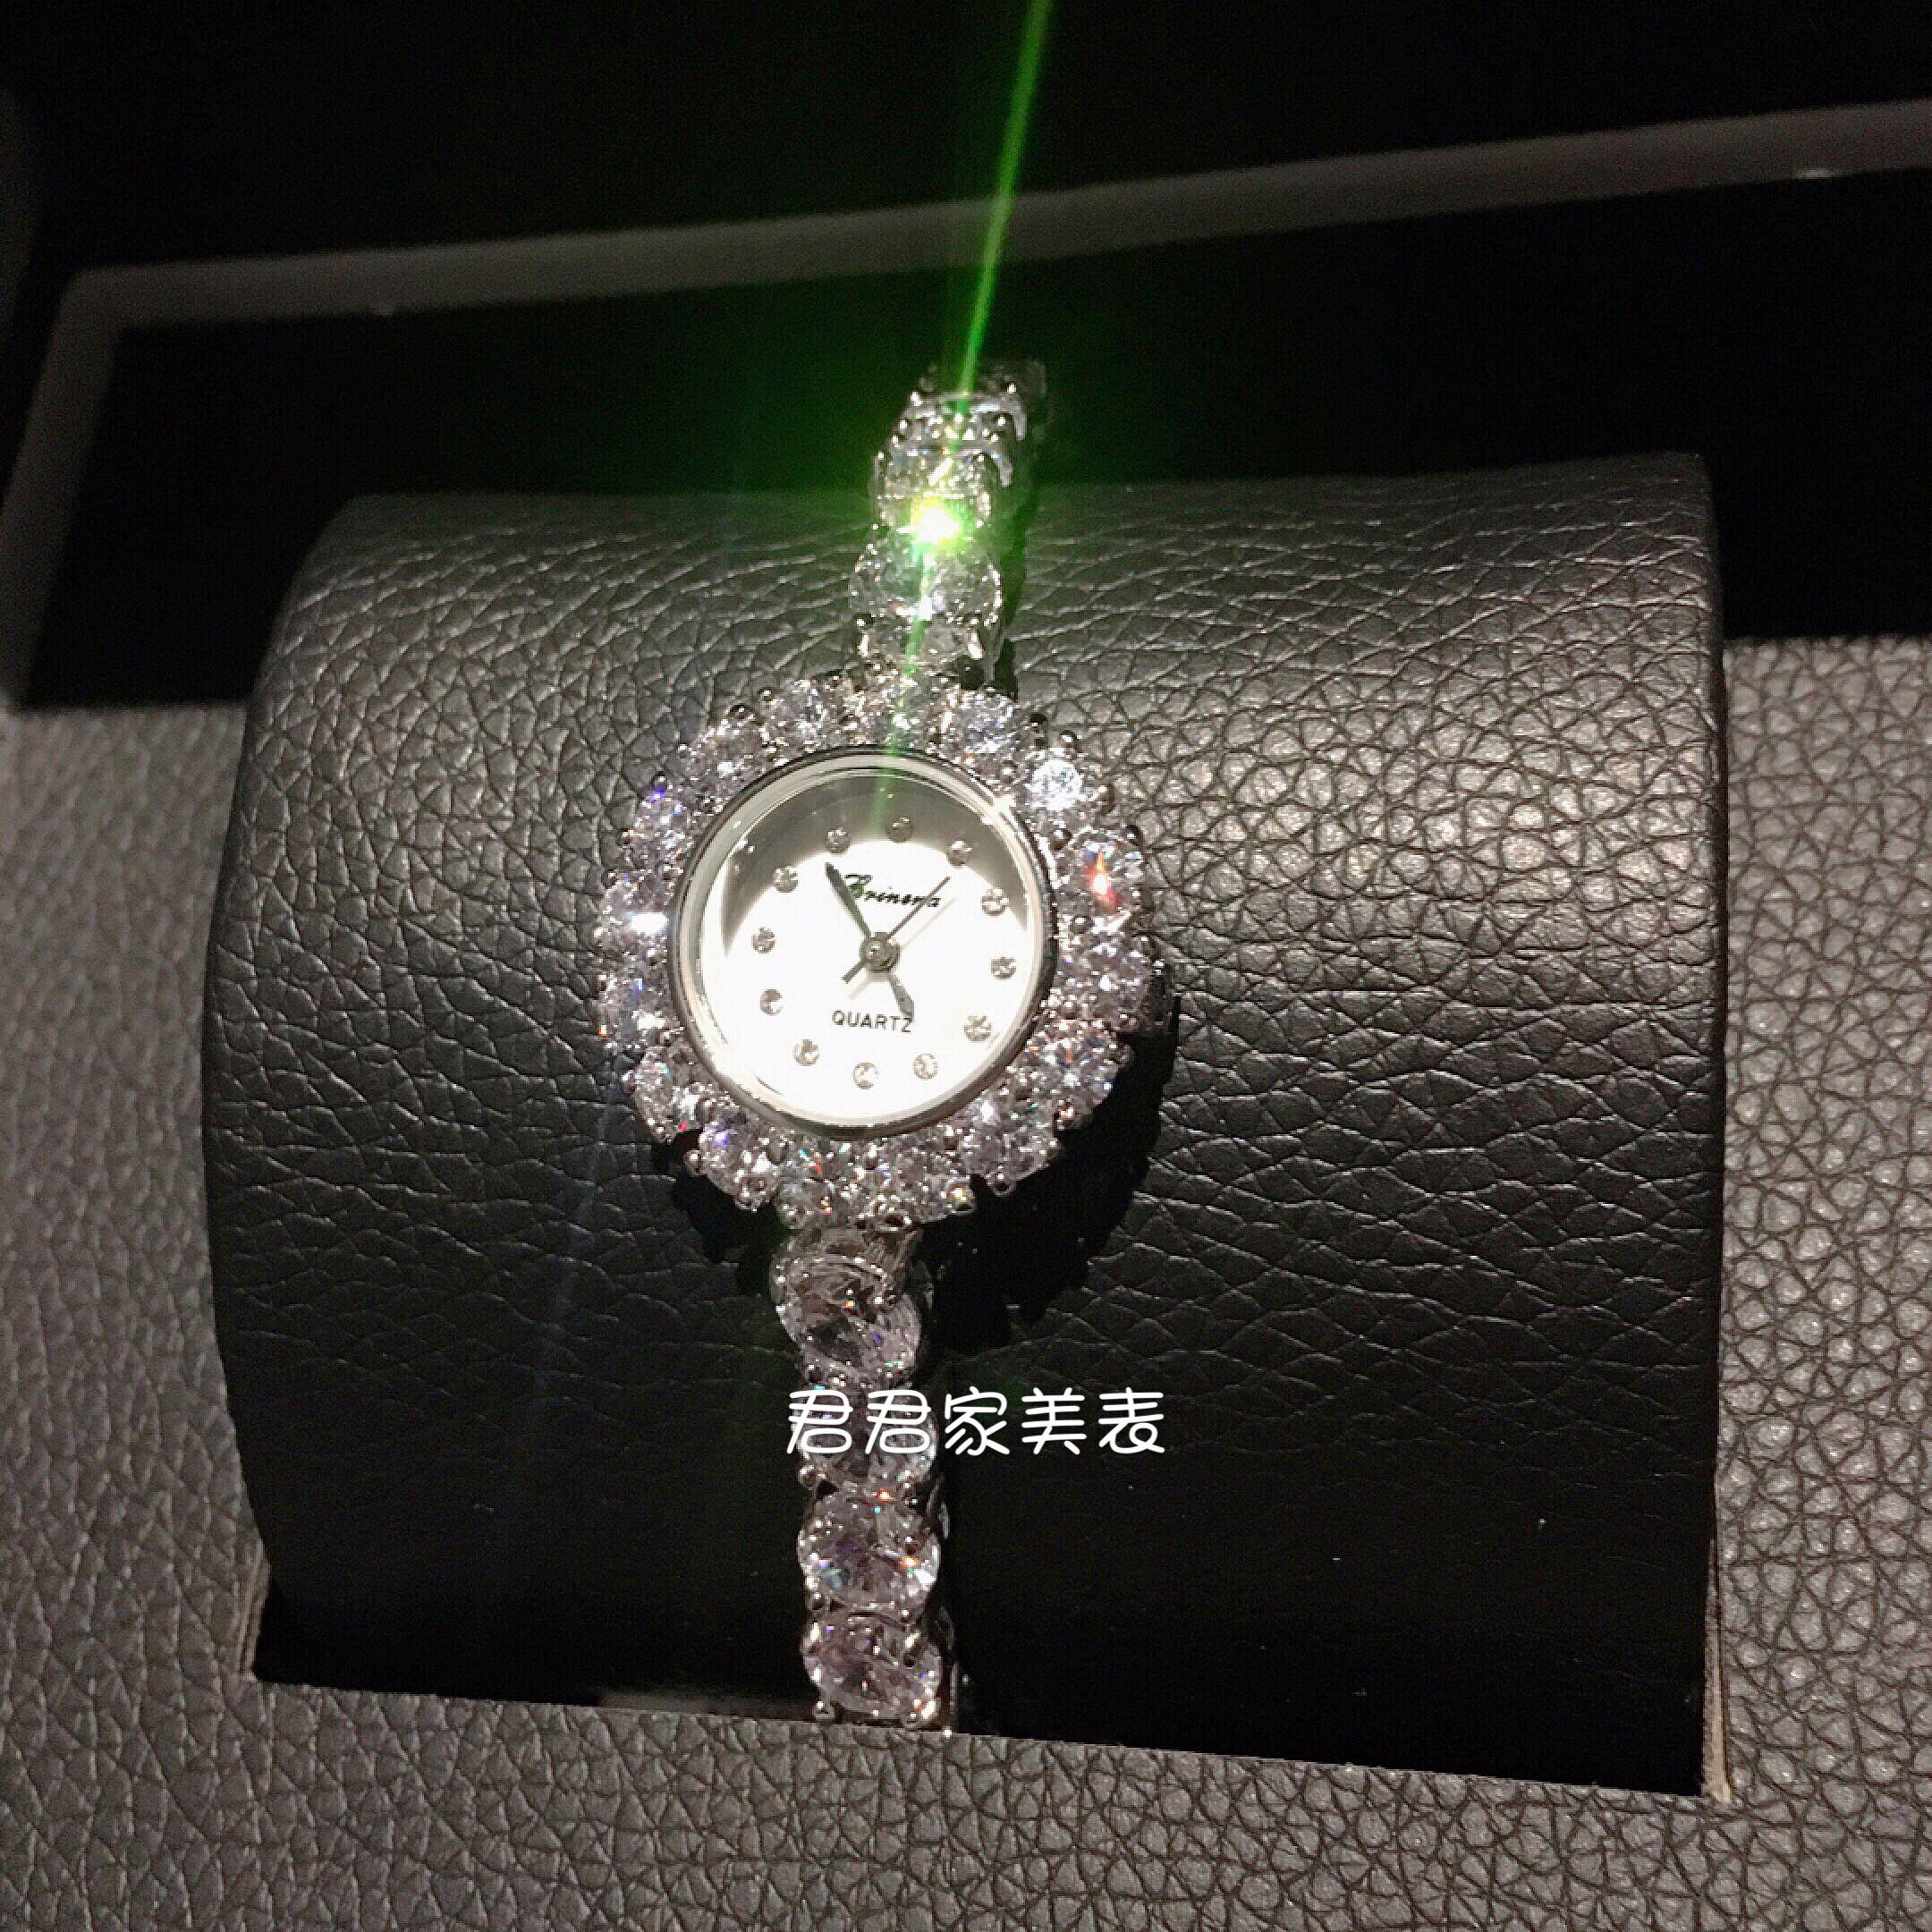 正品牌手链石英女表镶钻手表满钻时尚水晶时装表手镯表装饰表防水